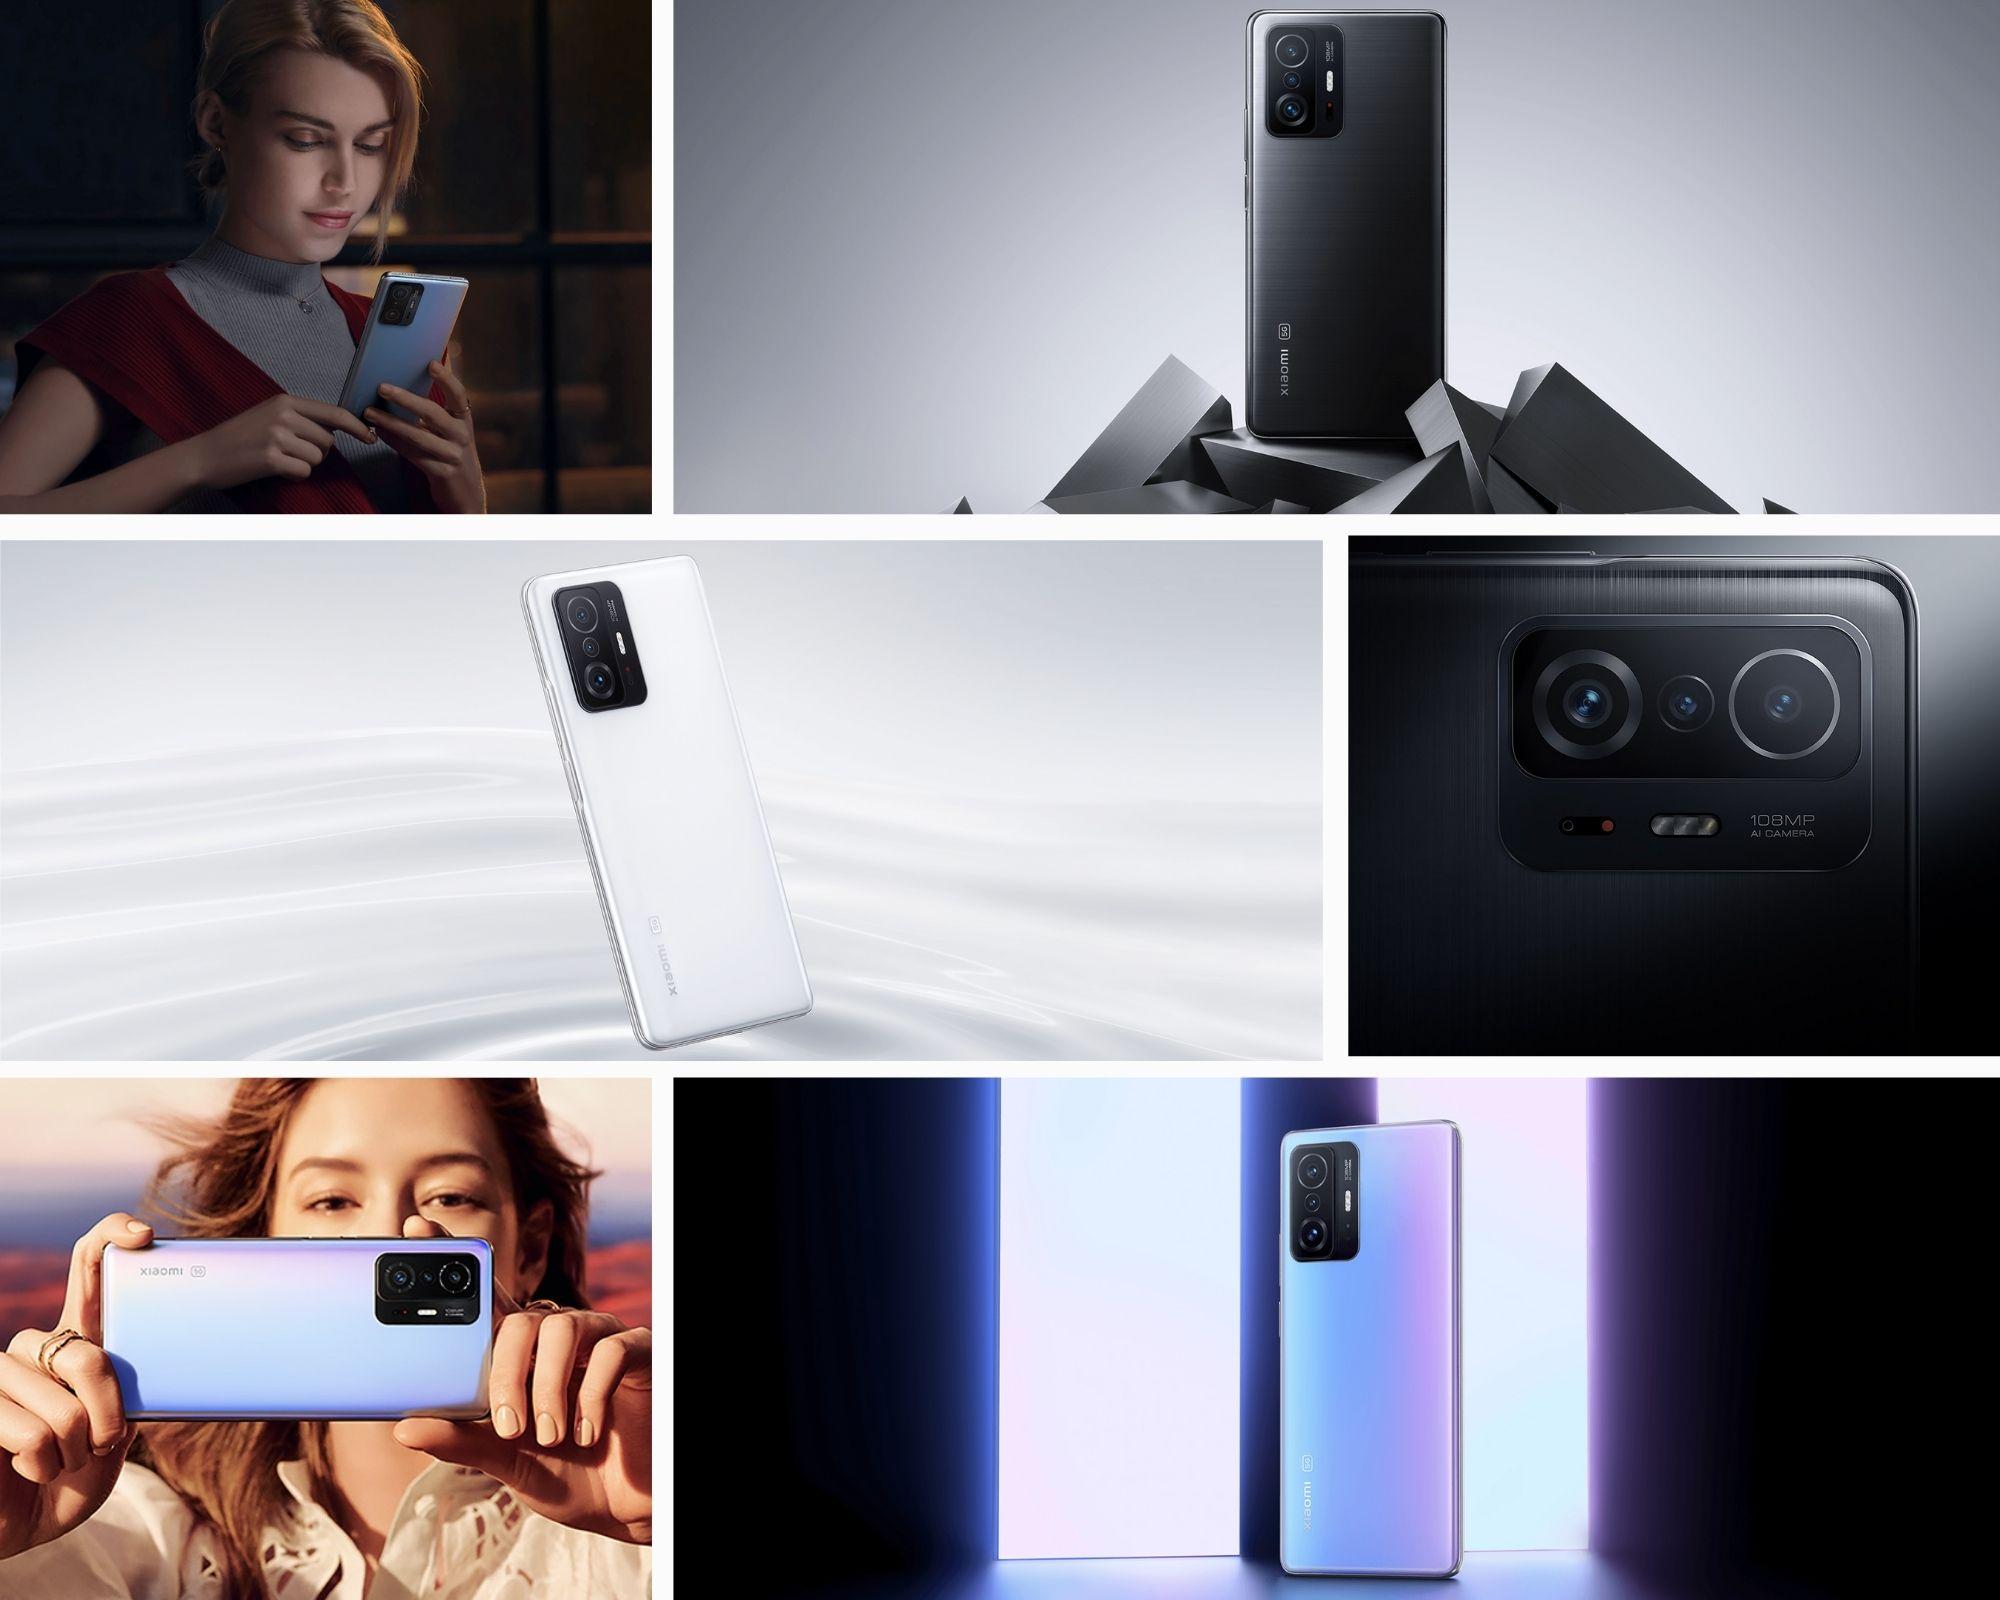 Ofertas, Promociones, Descuentos y Cupones para comprar el Xiaomi 11T Pro con el Mejor Precio Online